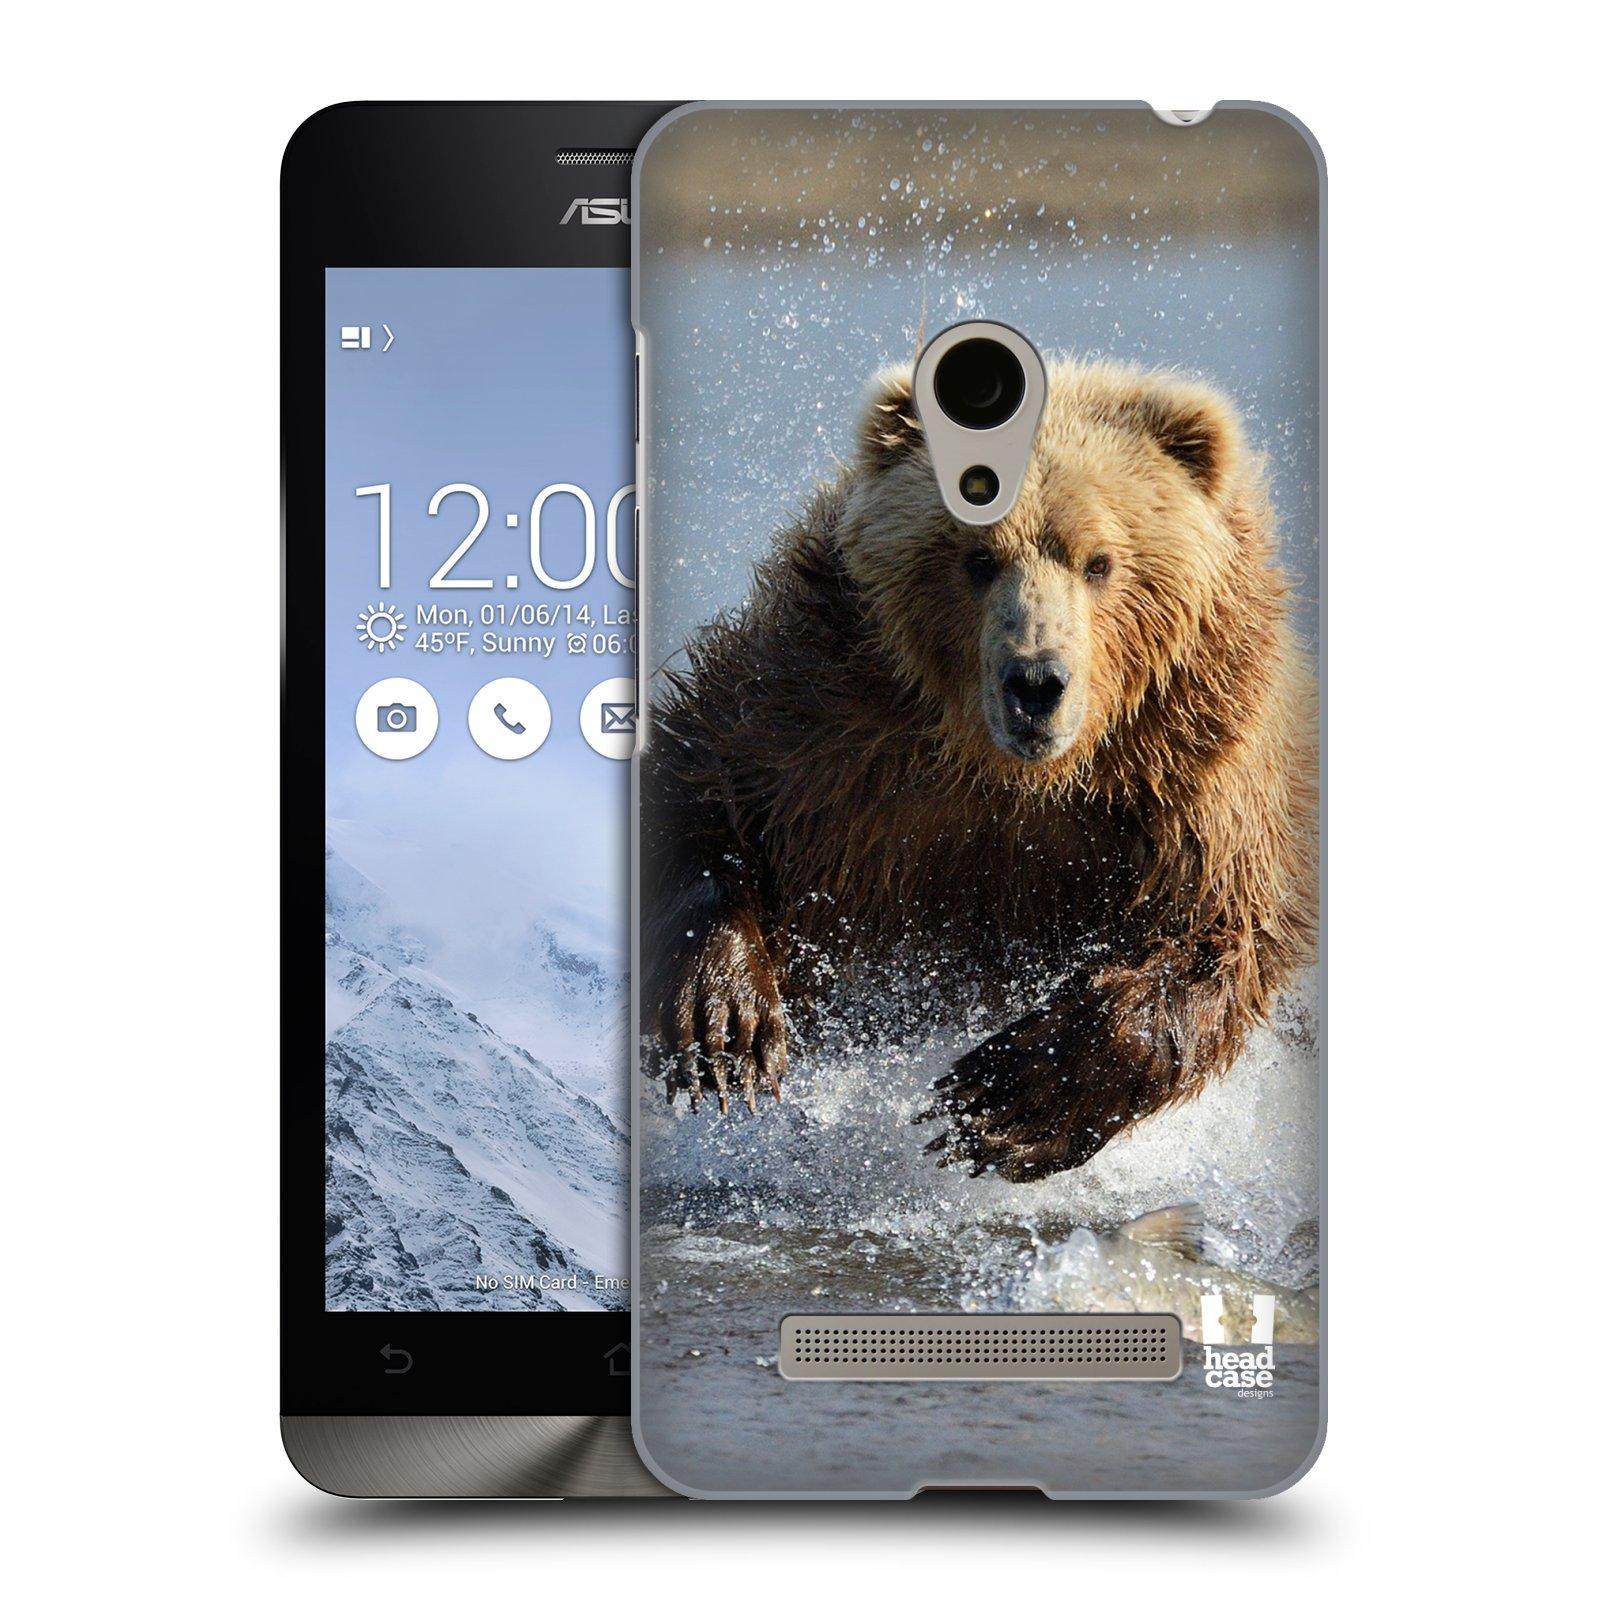 HEAD CASE plastový obal na mobil Asus Zenfone 5 vzor Divočina, Divoký život a zvířata foto MEDVĚD GRIZZLY HŇEDÁ